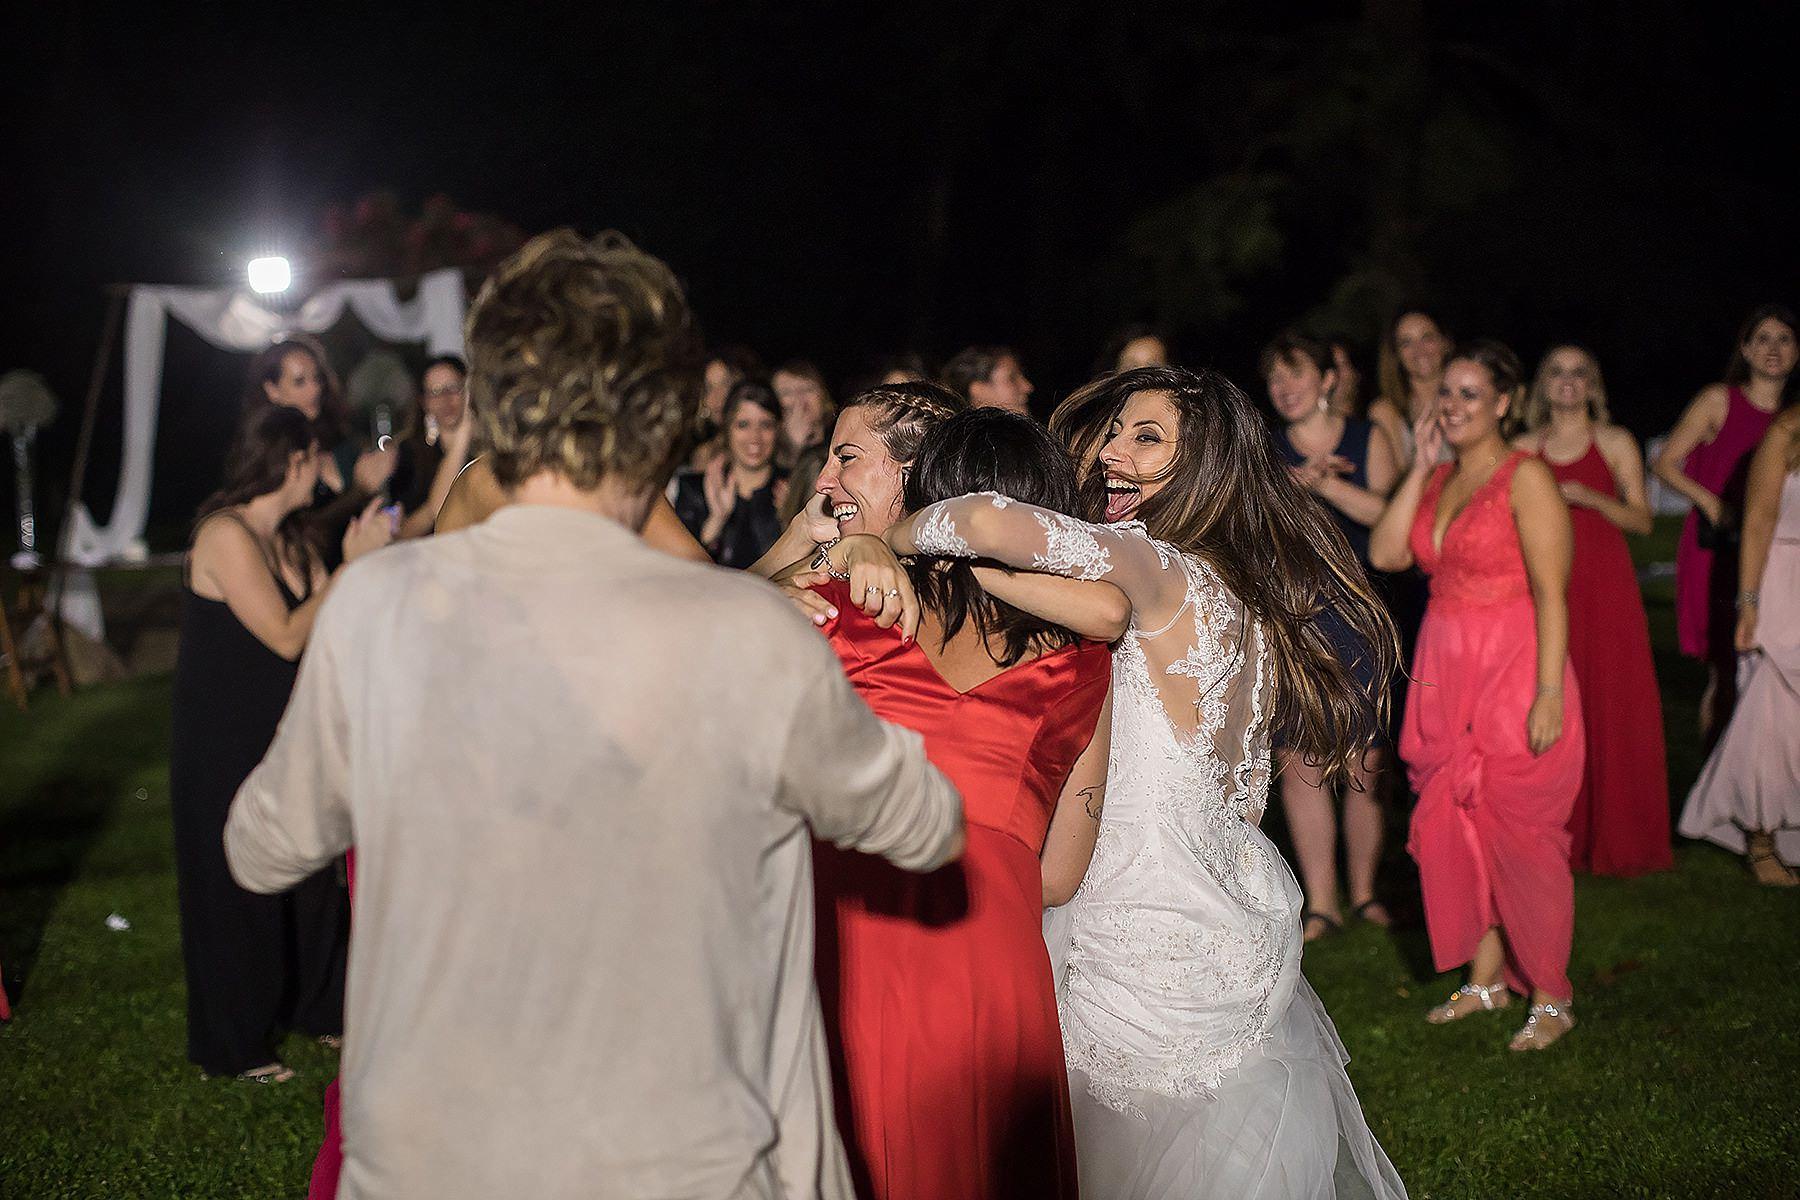 lancio del mazzolino della sposa